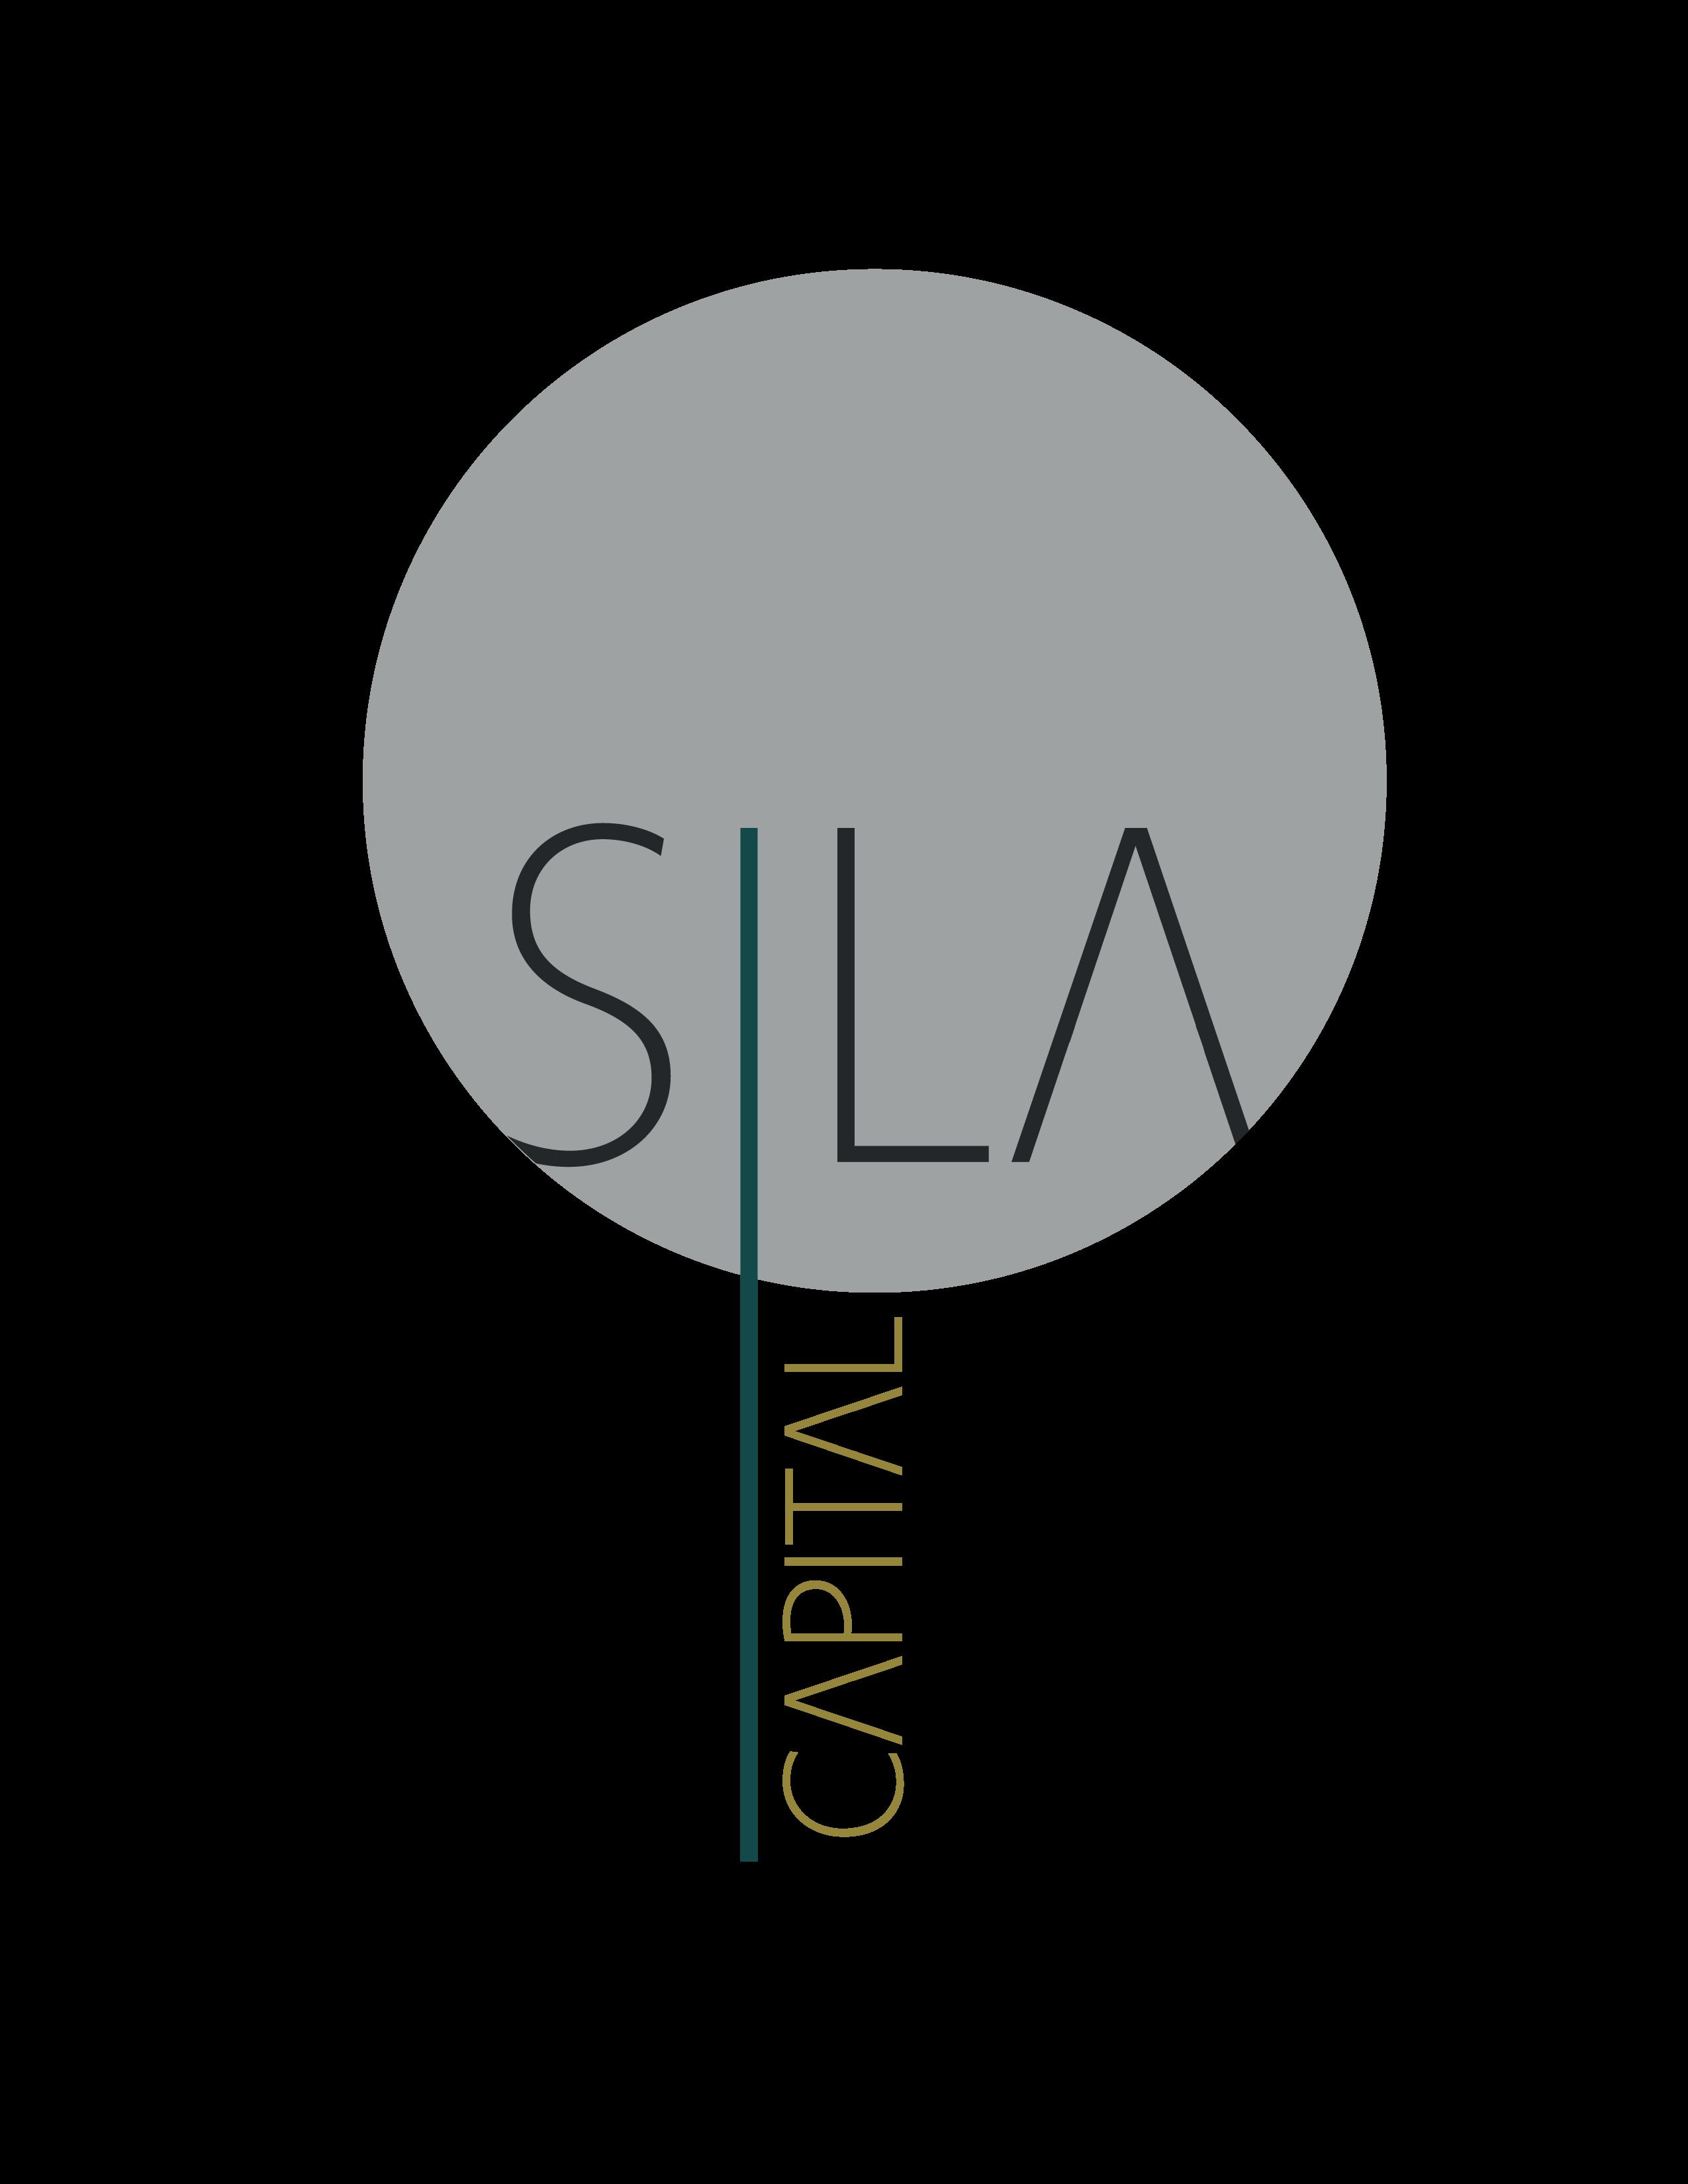 Sla Capital